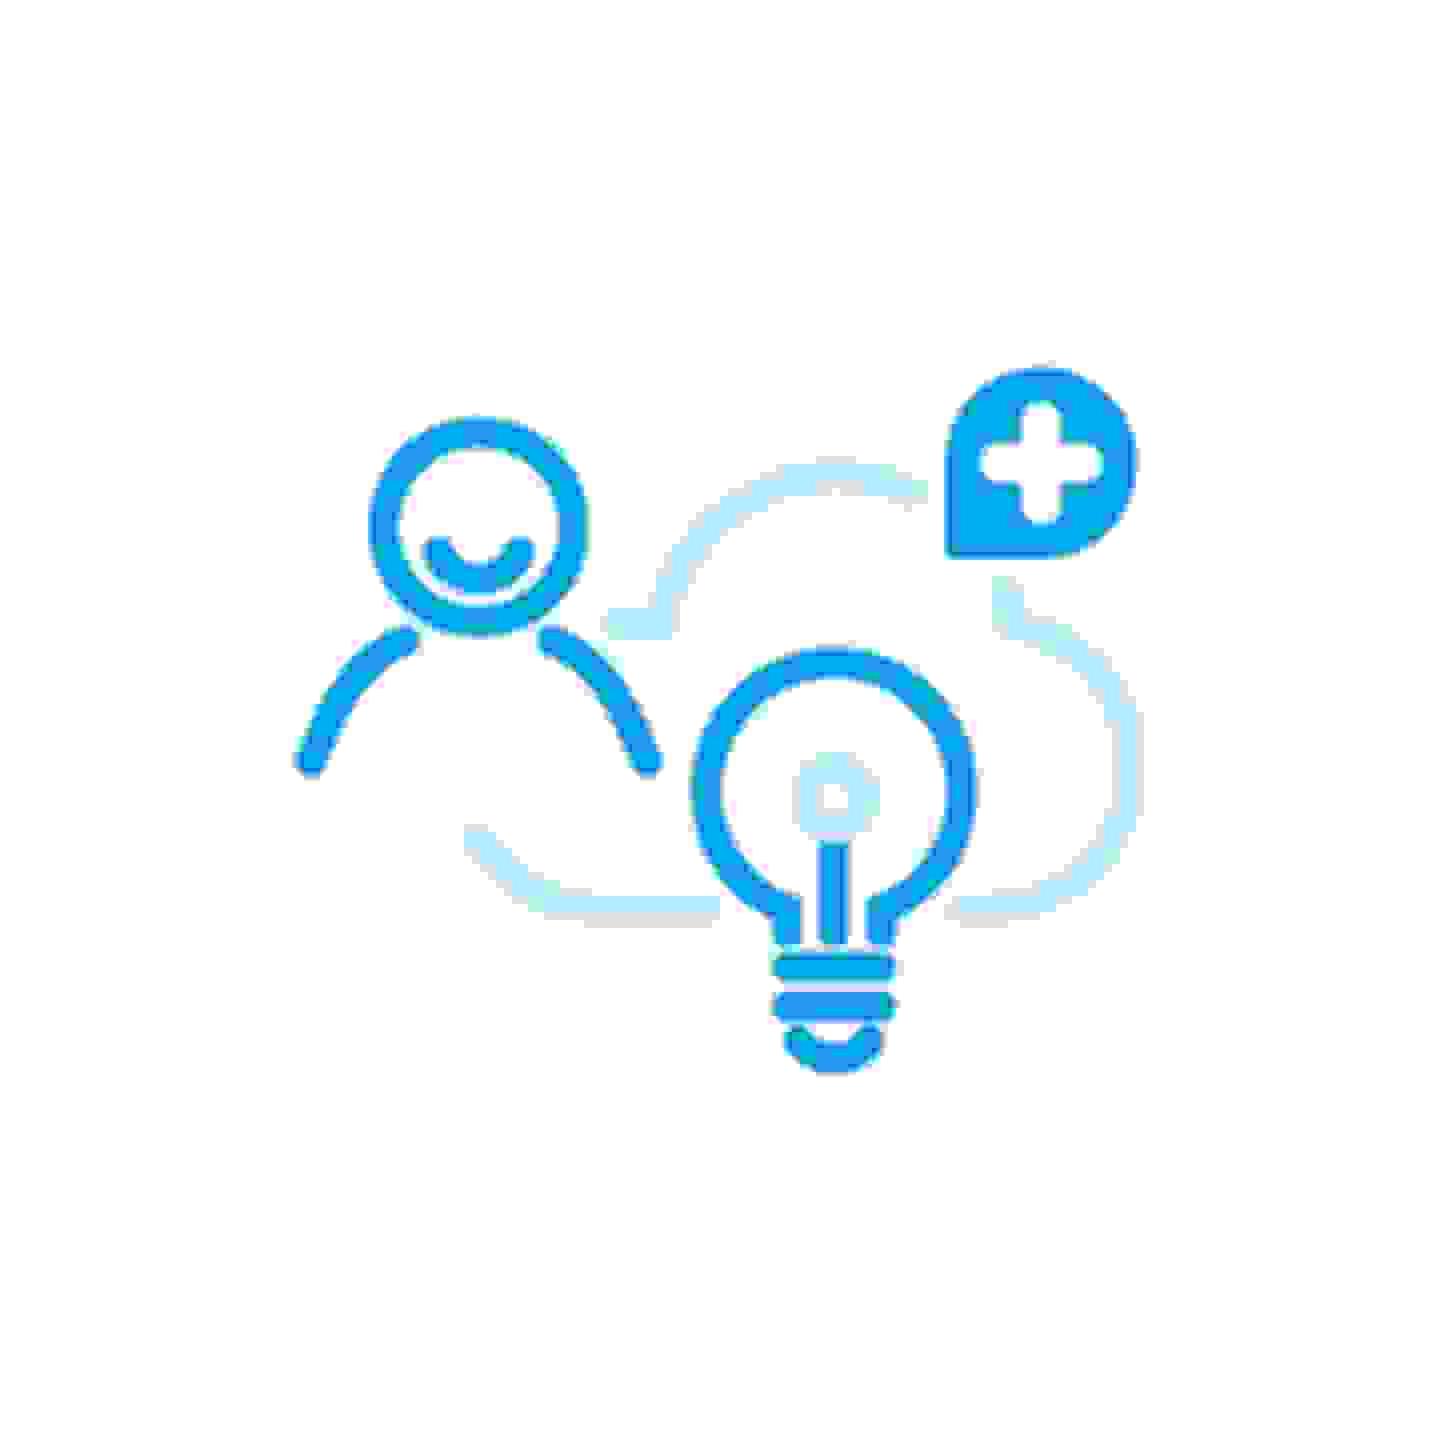 Vernetzen Sie über 3'000 Geräte, Apps und Services von 70+ Herstellern weltweit